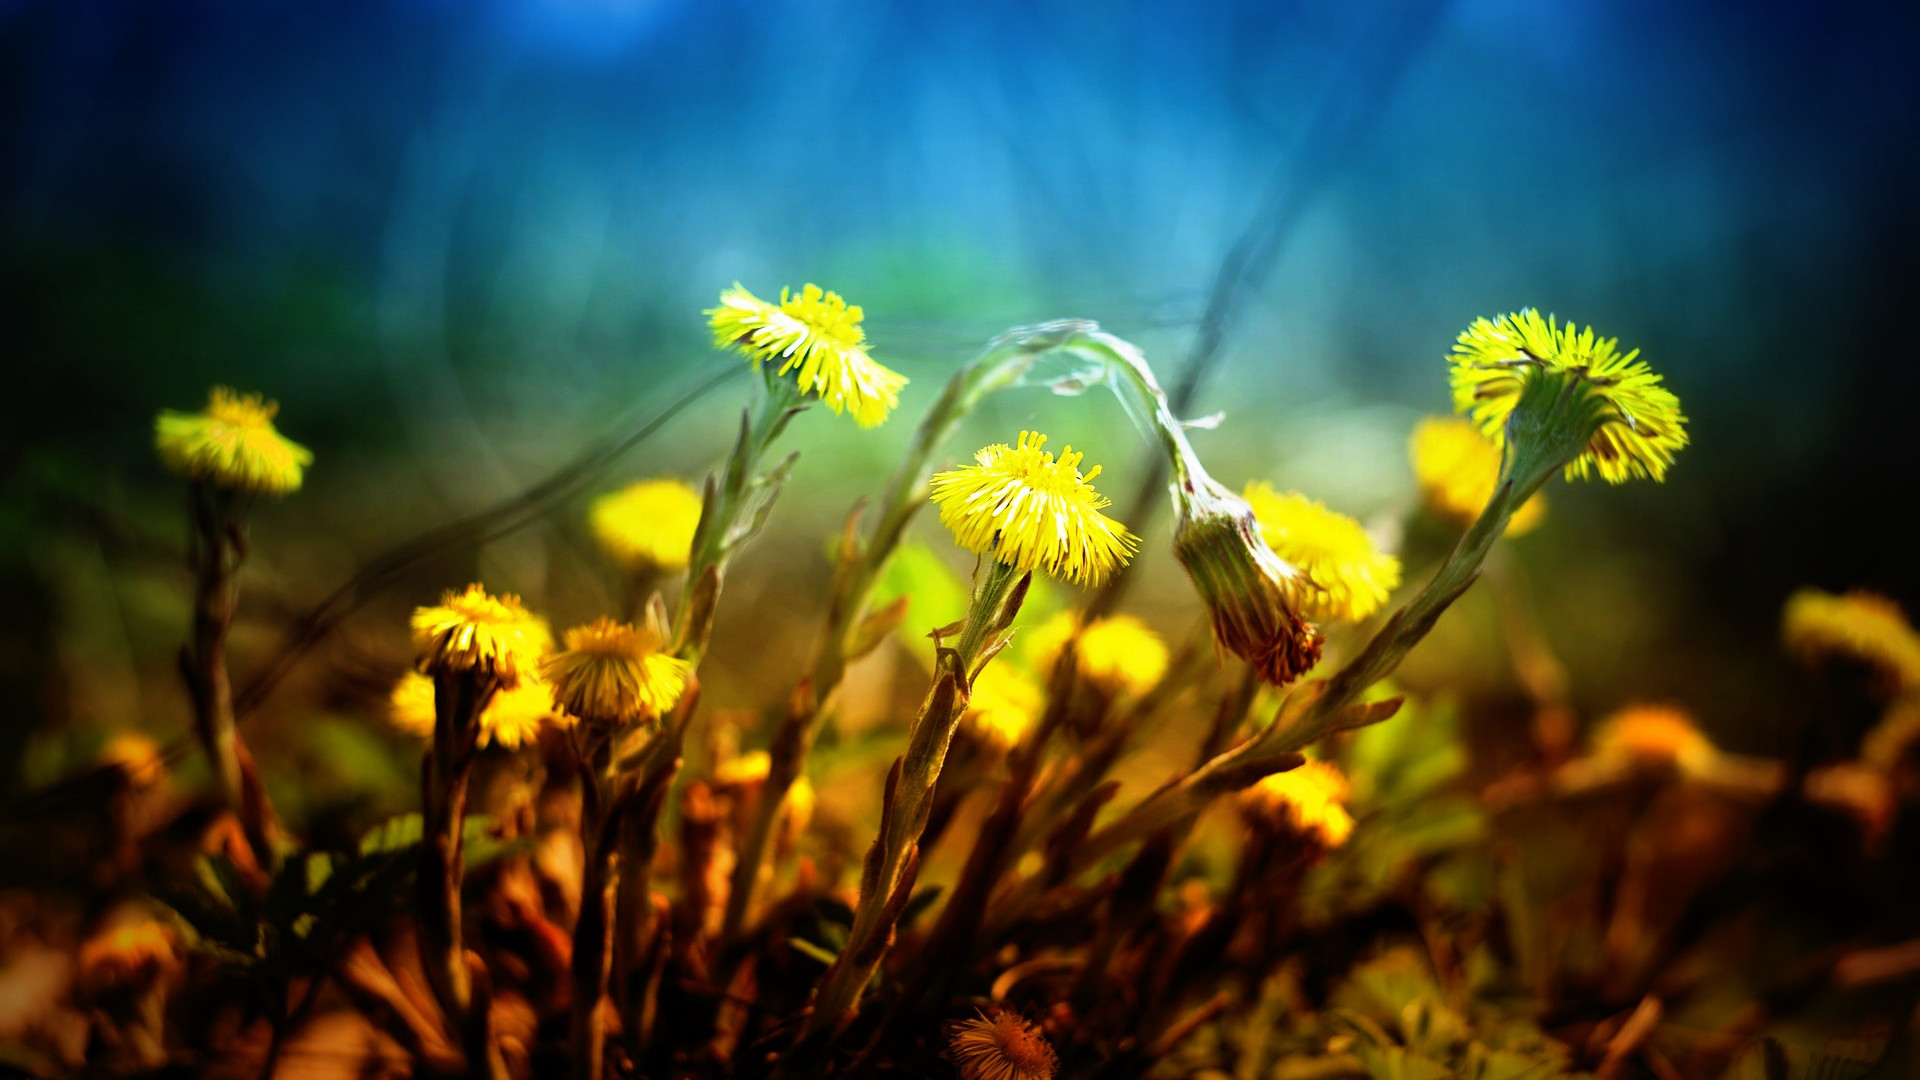 nature-3103695_1920.jpg